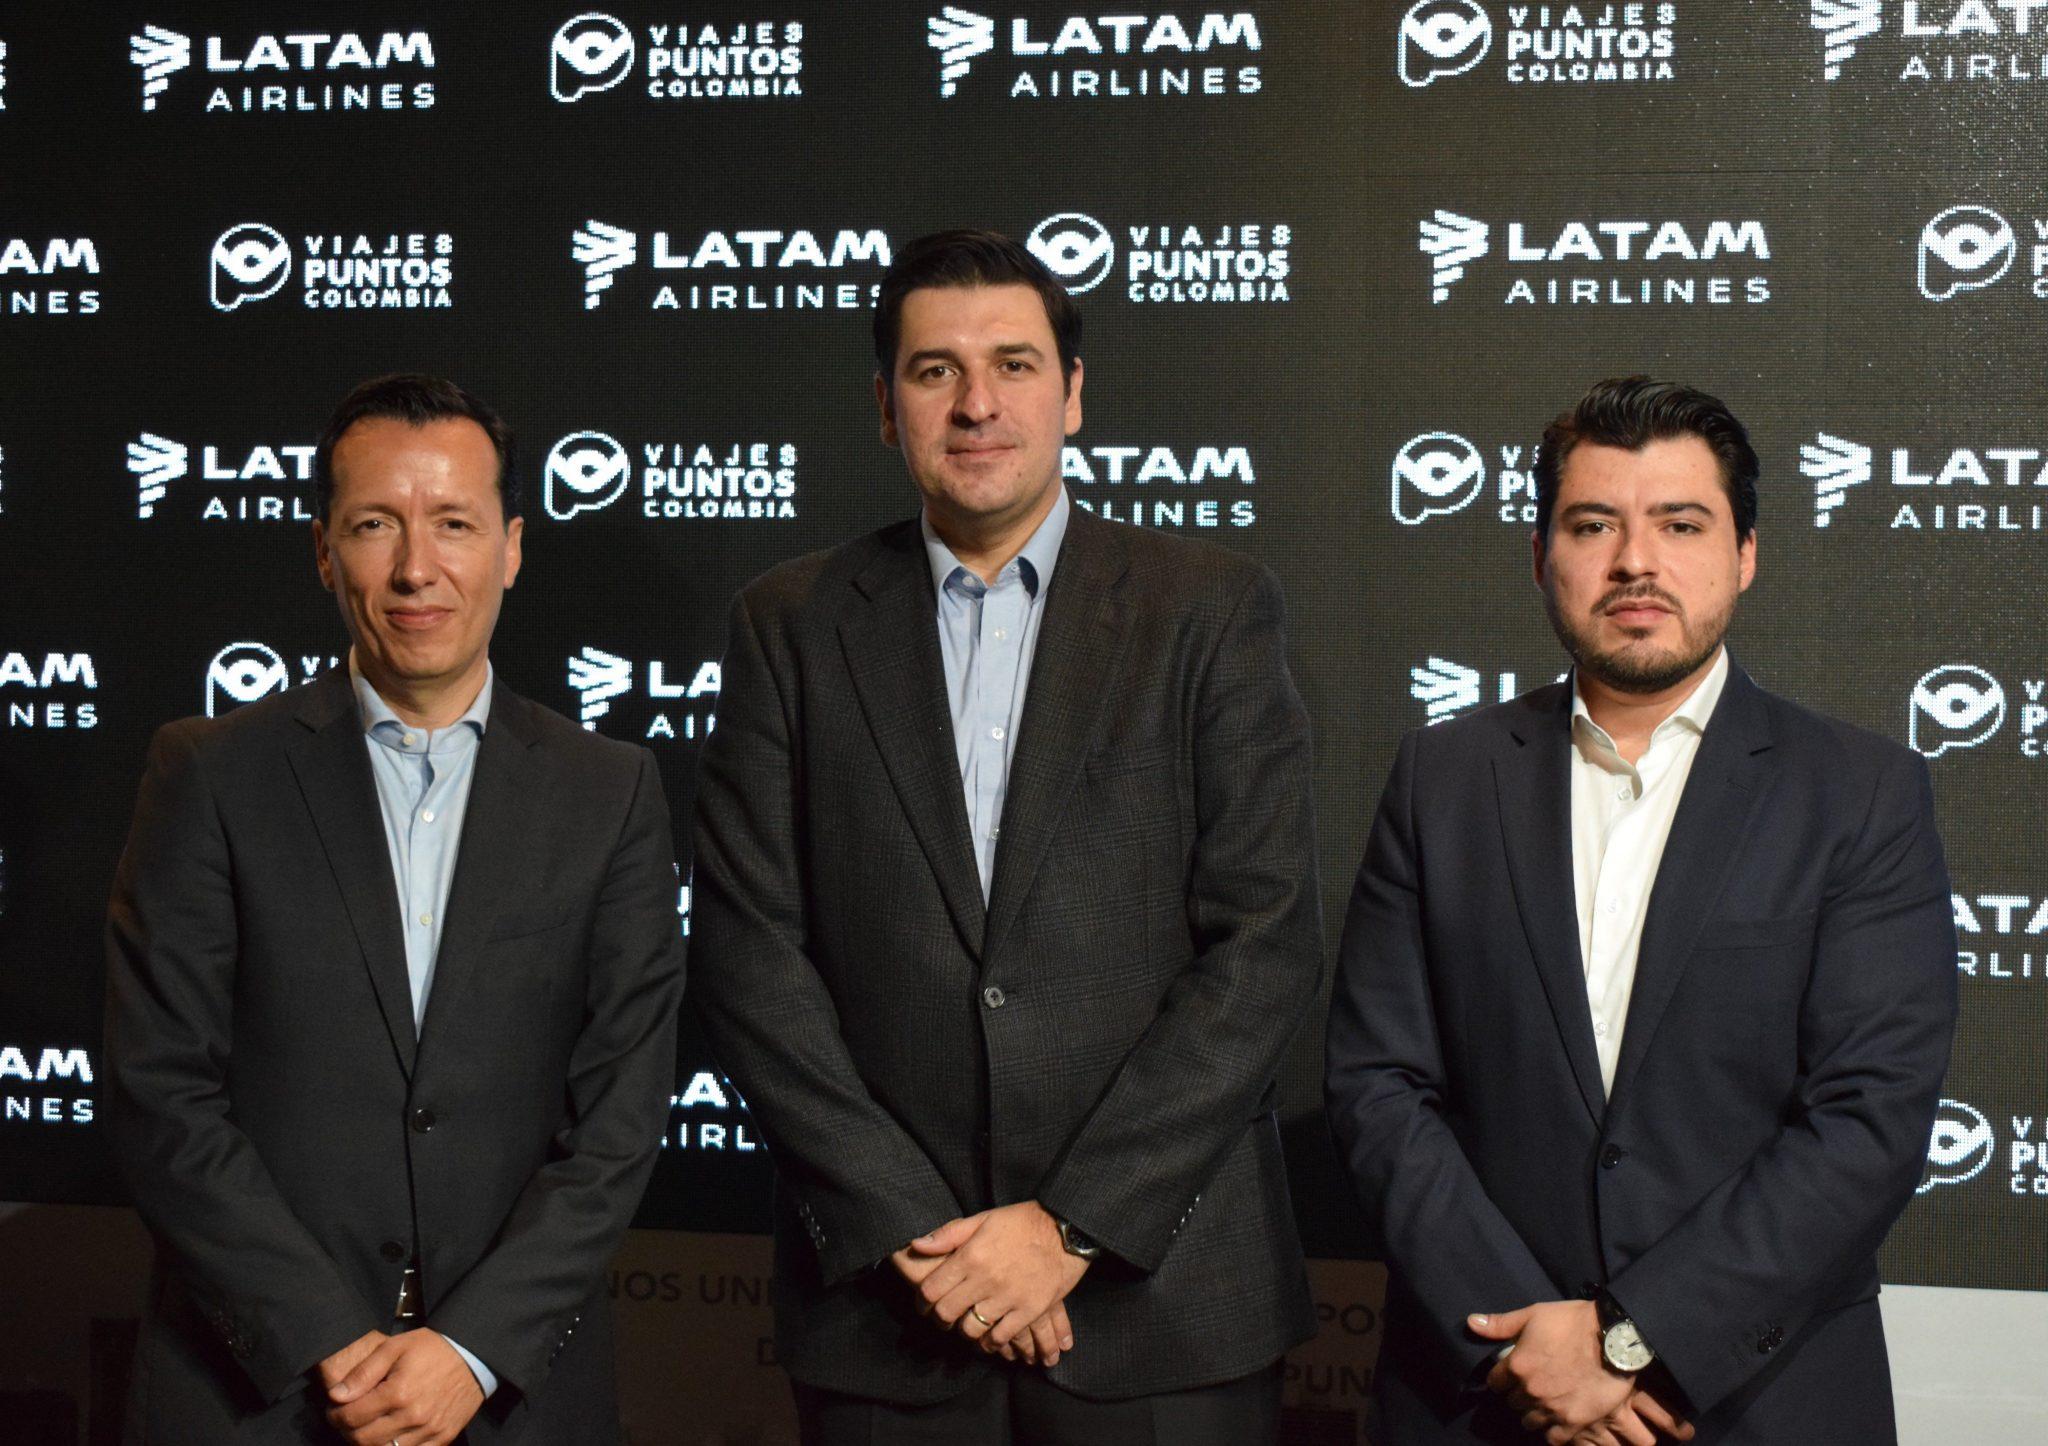 Puntos Colombia y Latam Airlines, firmaron una nueva alianza para los consumidores